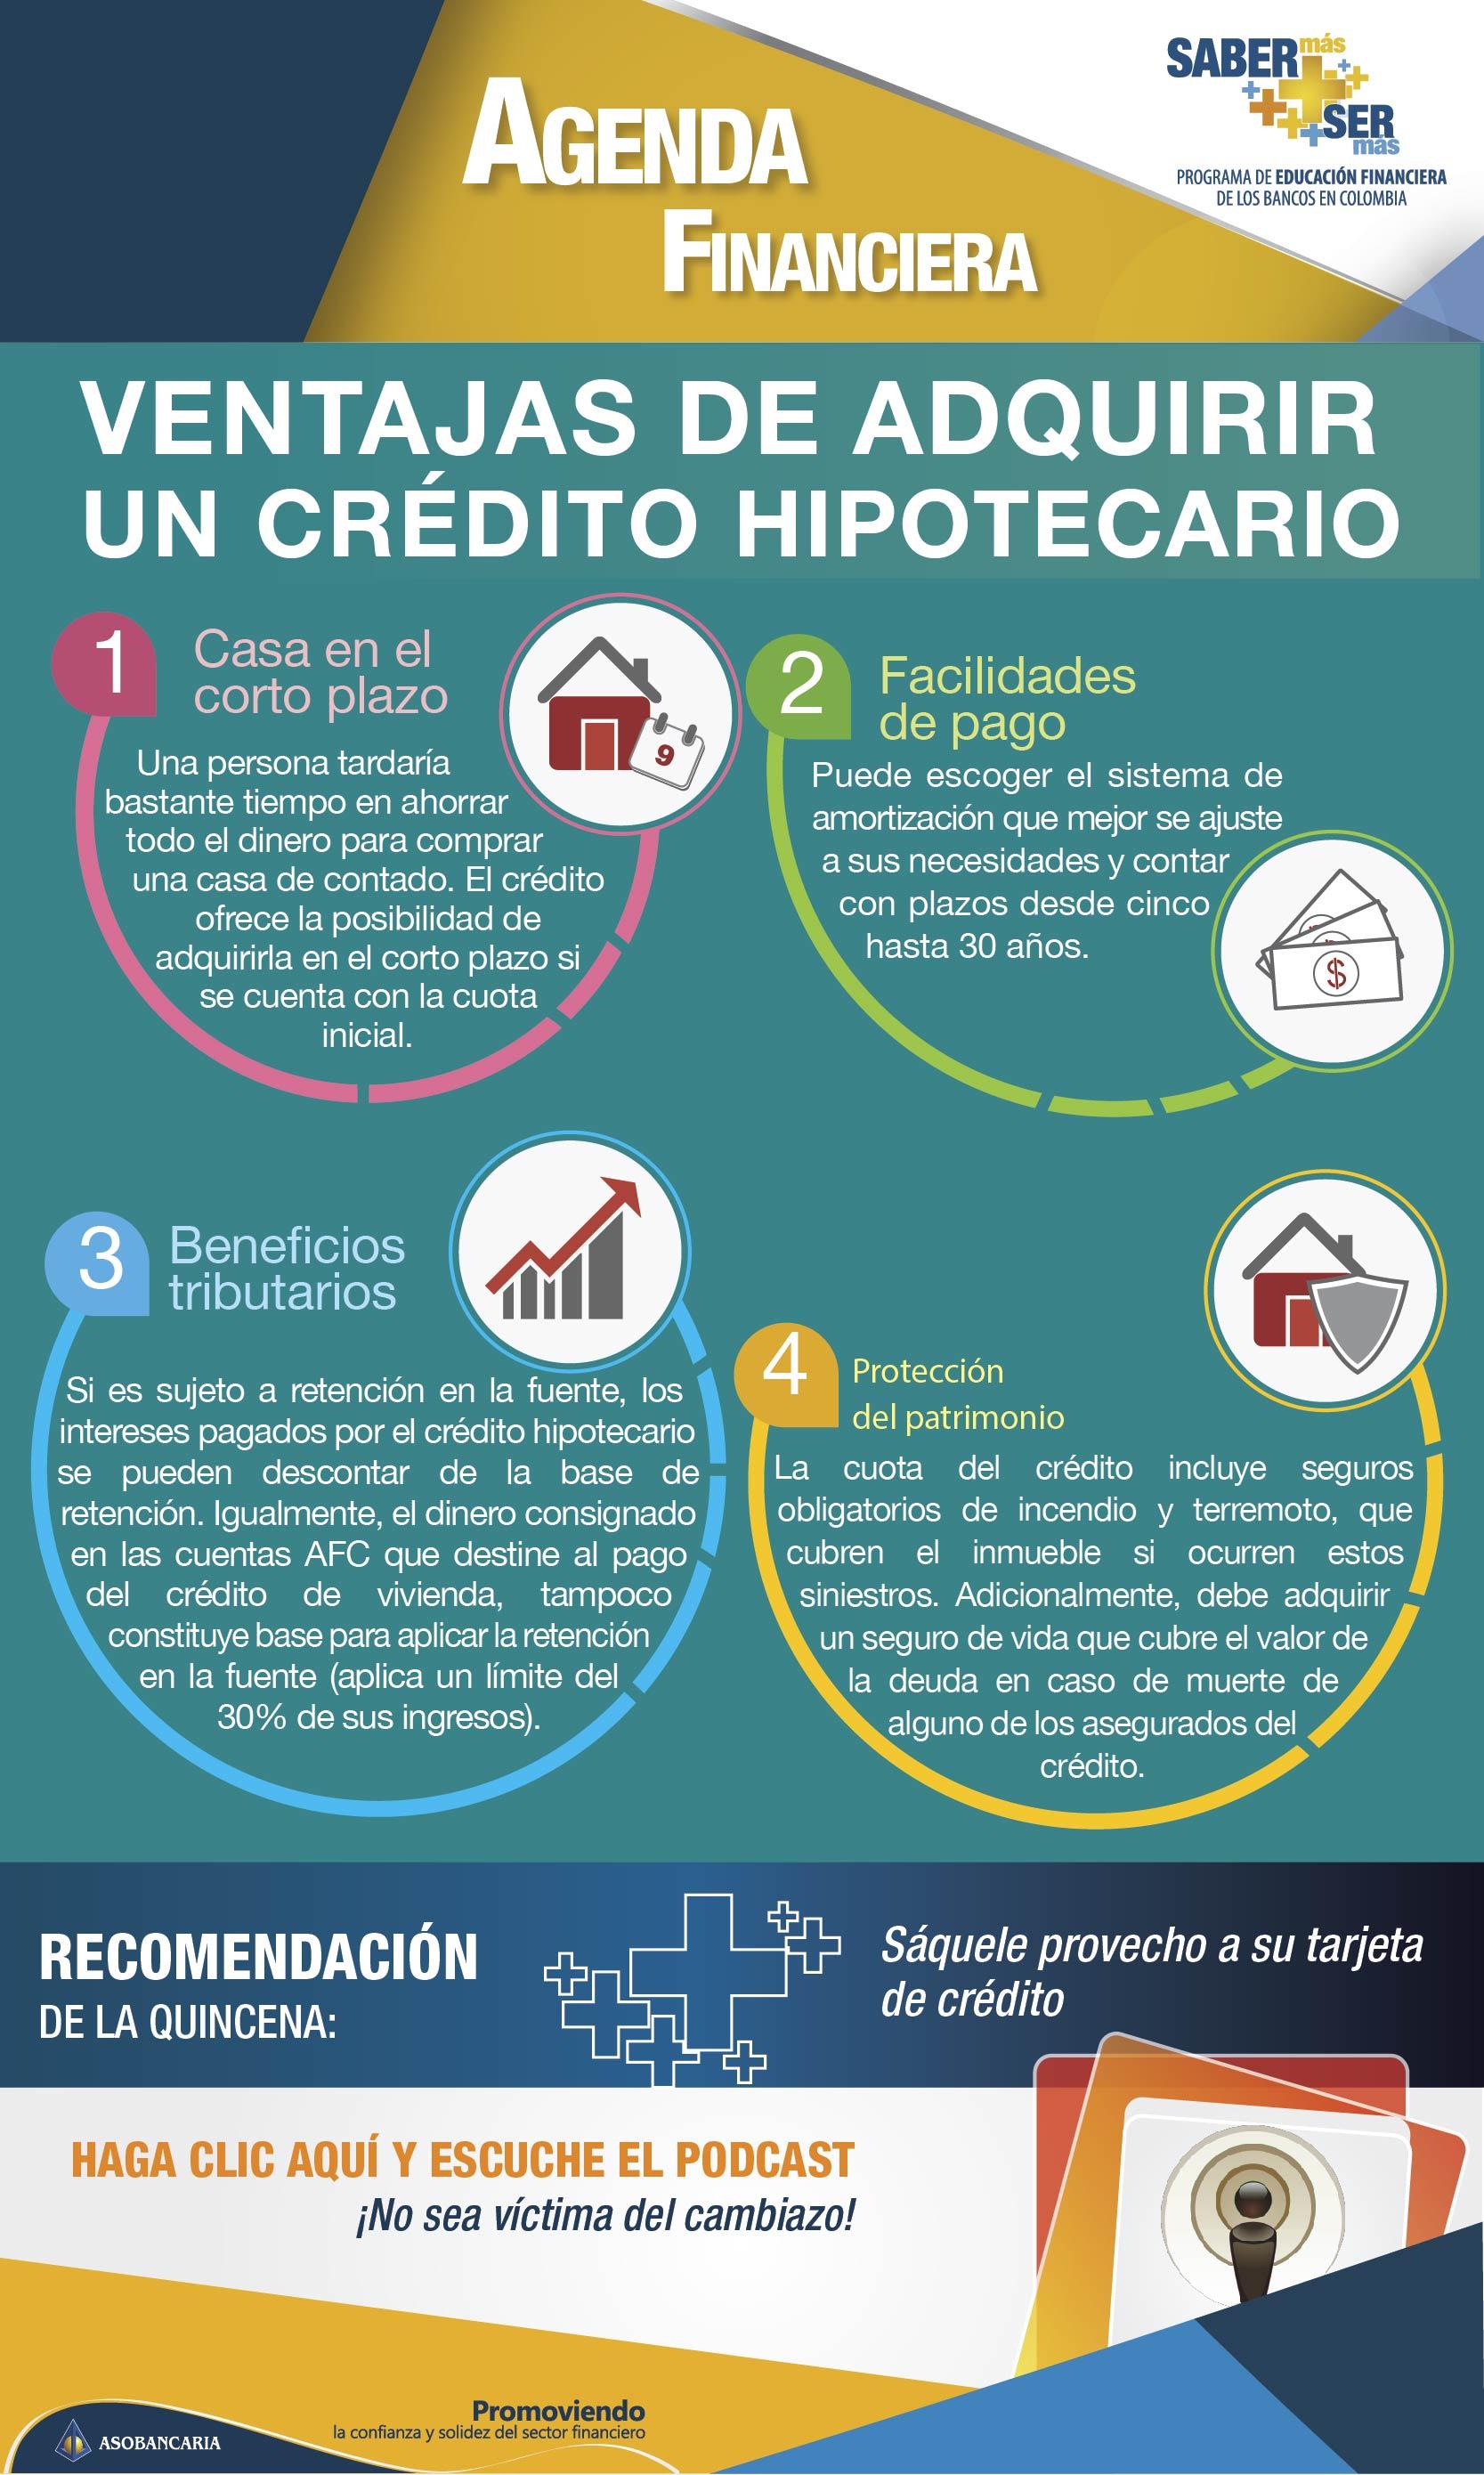 Boletin 27 -  Ventajas de adquirir un credito hipotecario